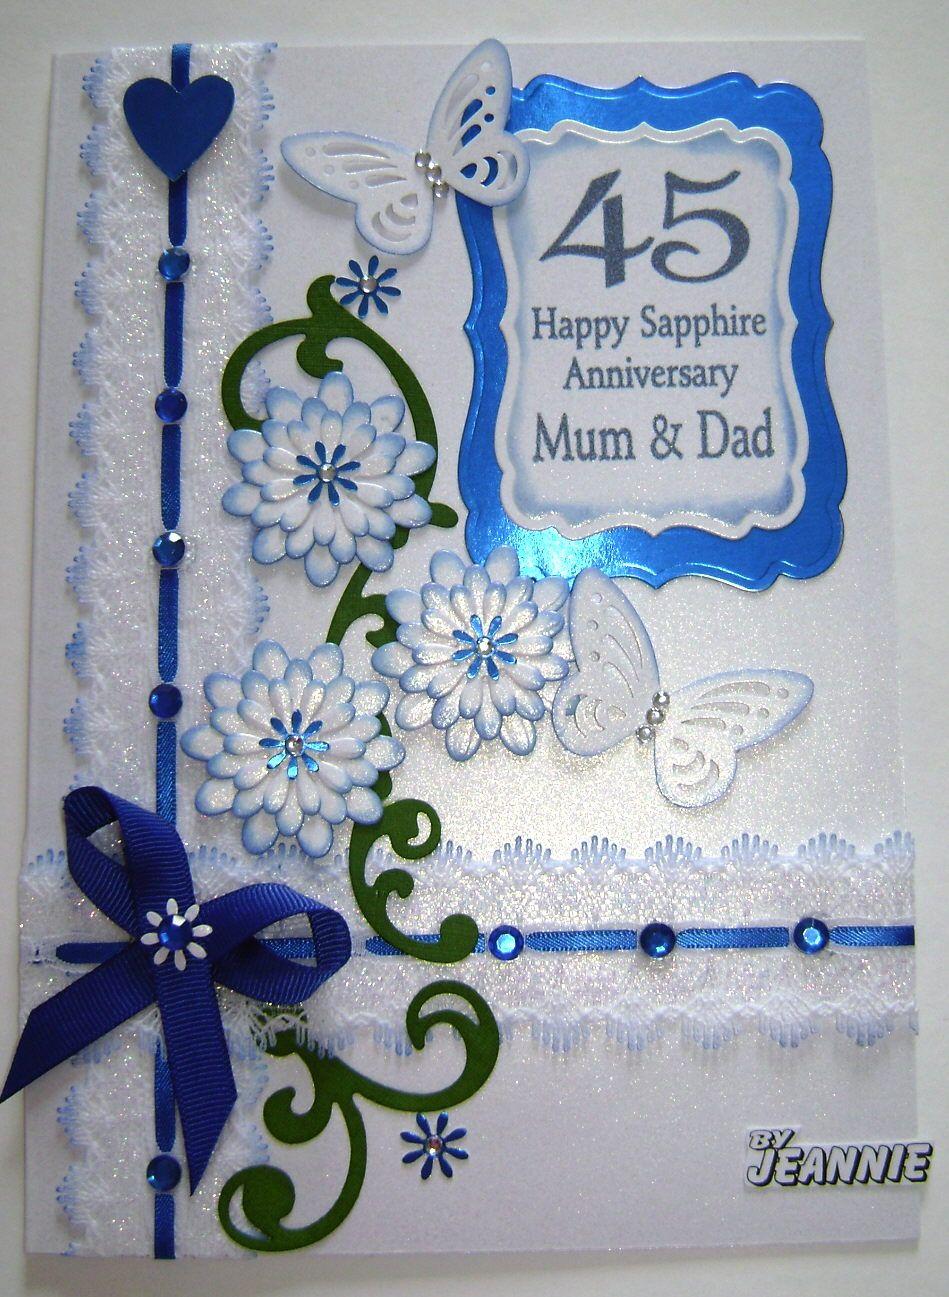 45 Years Shire Anniversary